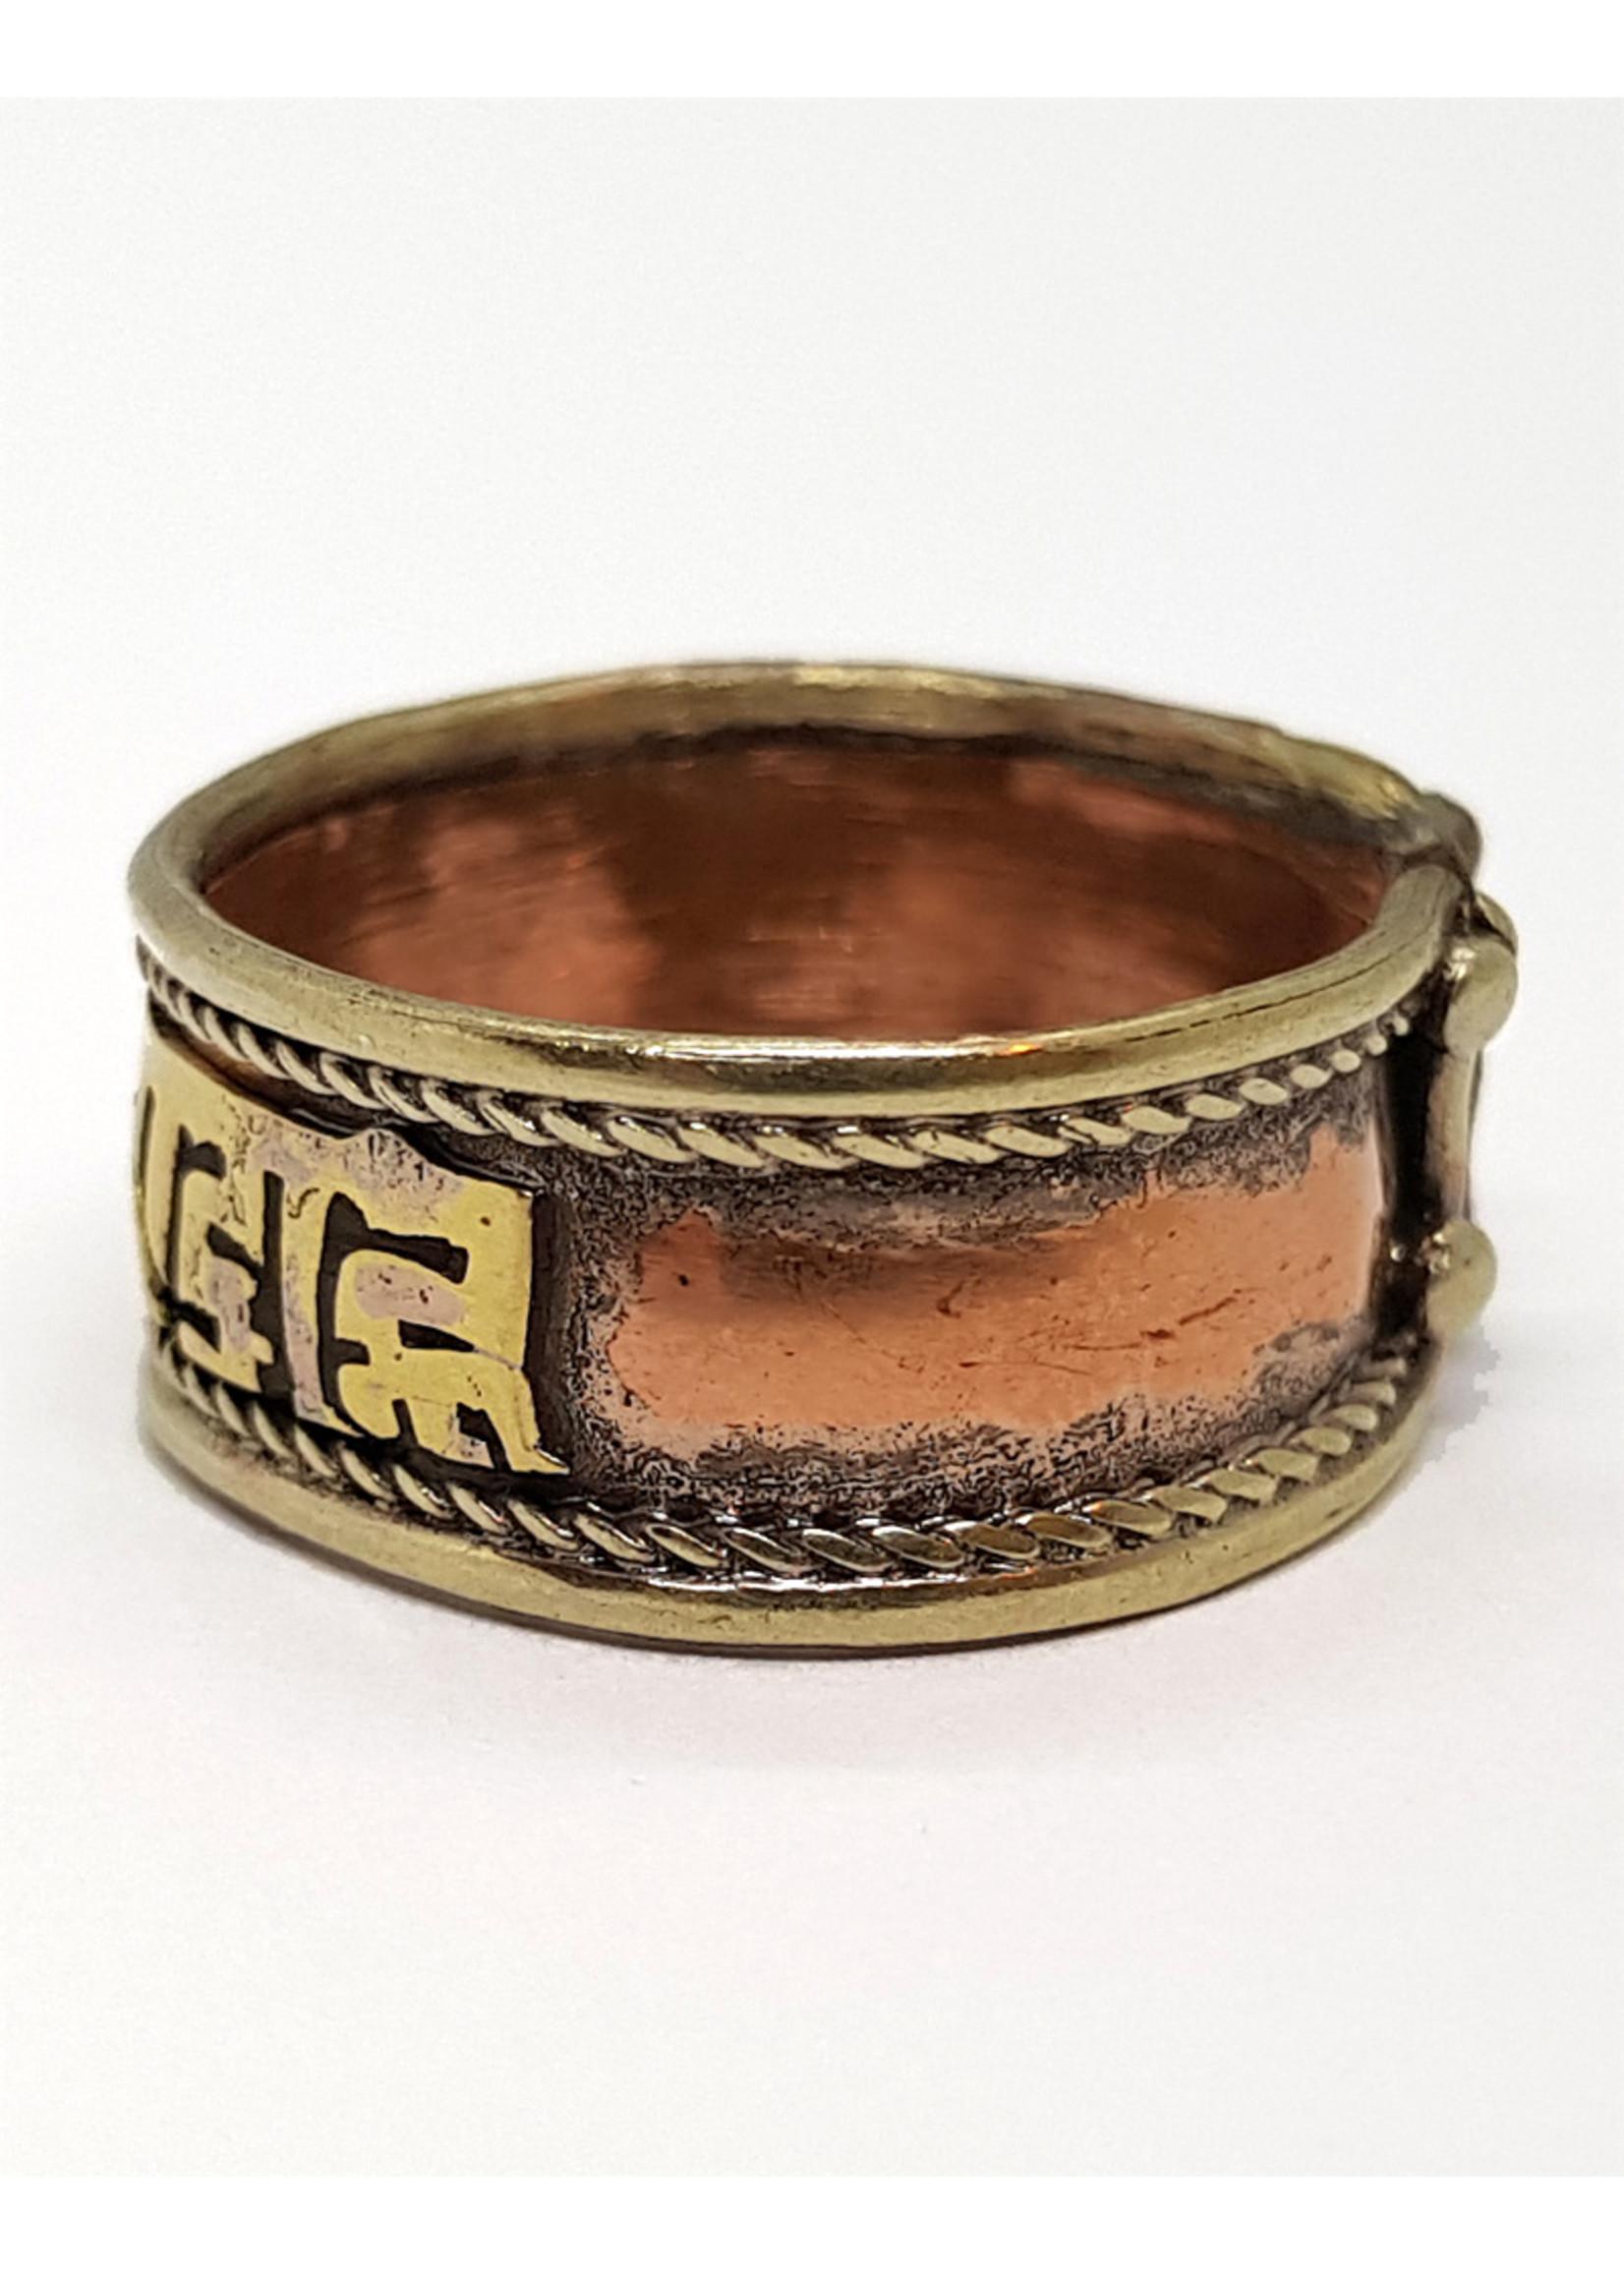 Verstellbarer Mantra Ring aus Messing